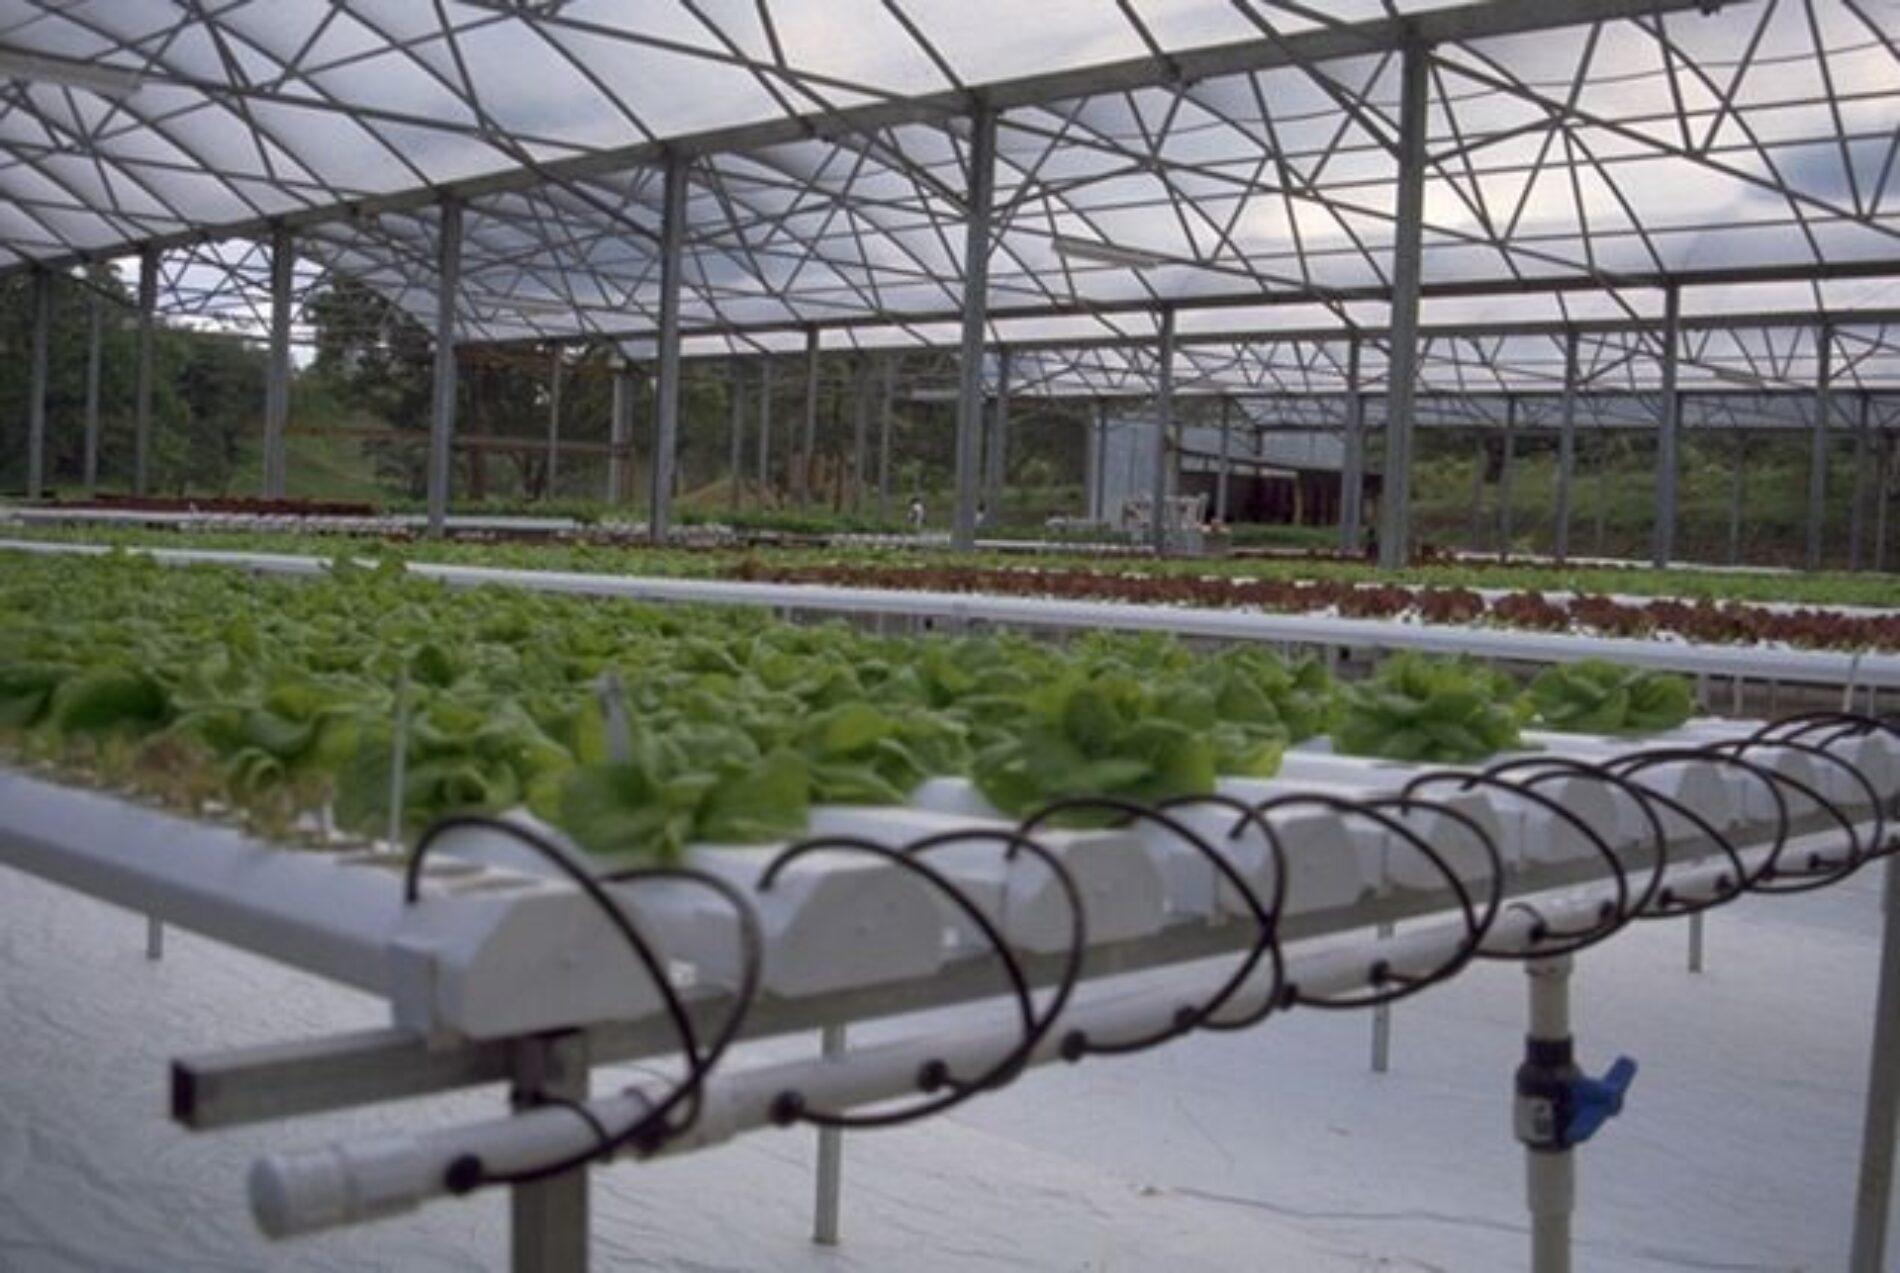 Διαφορές μεταξύ παραδοσιακής και υδροπονικής καλλιέργειας